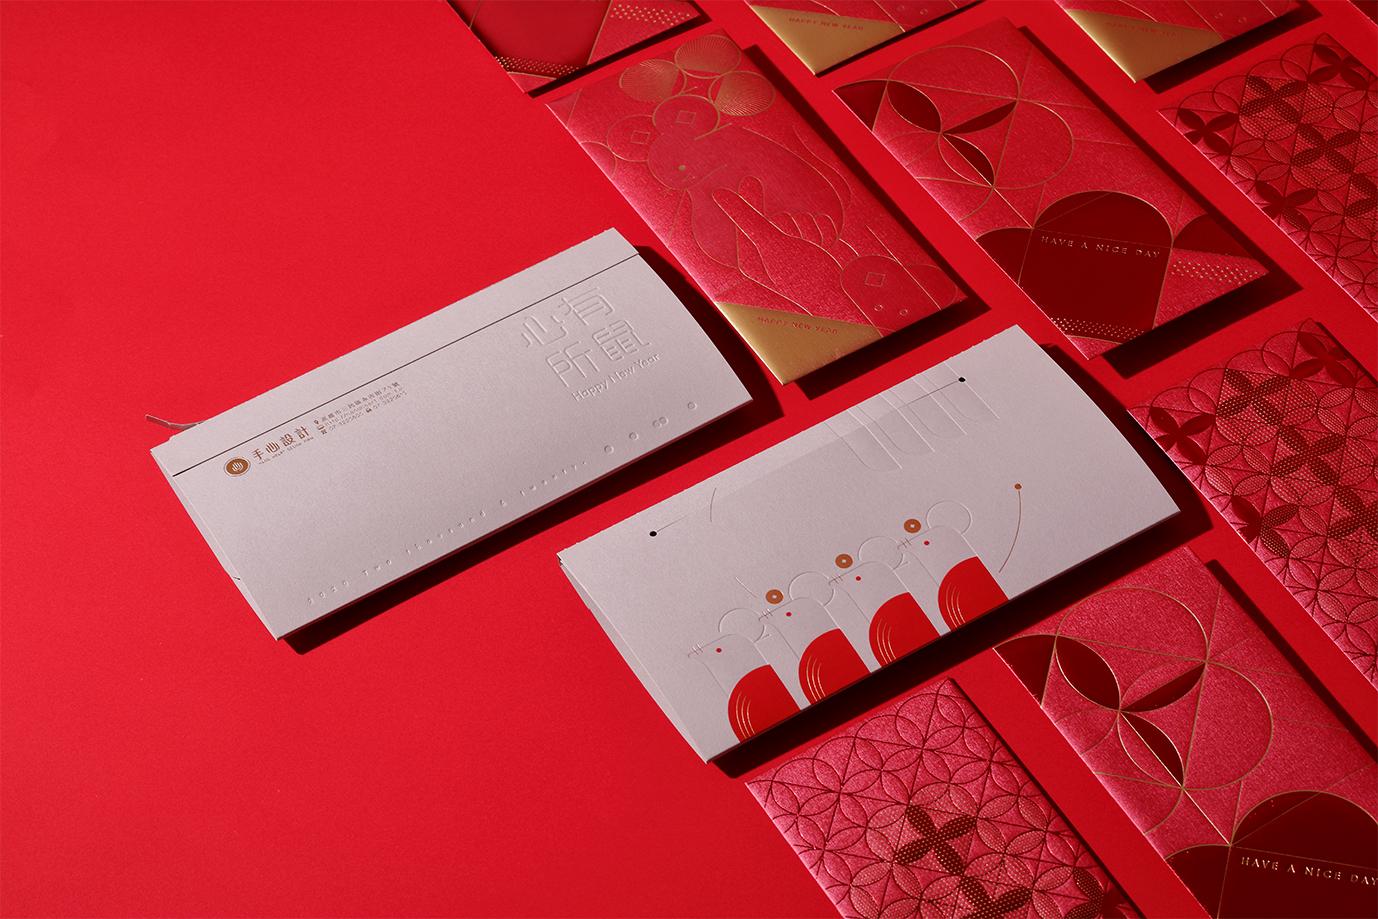 2020新春賀卡設計_平面設計_手心設計01